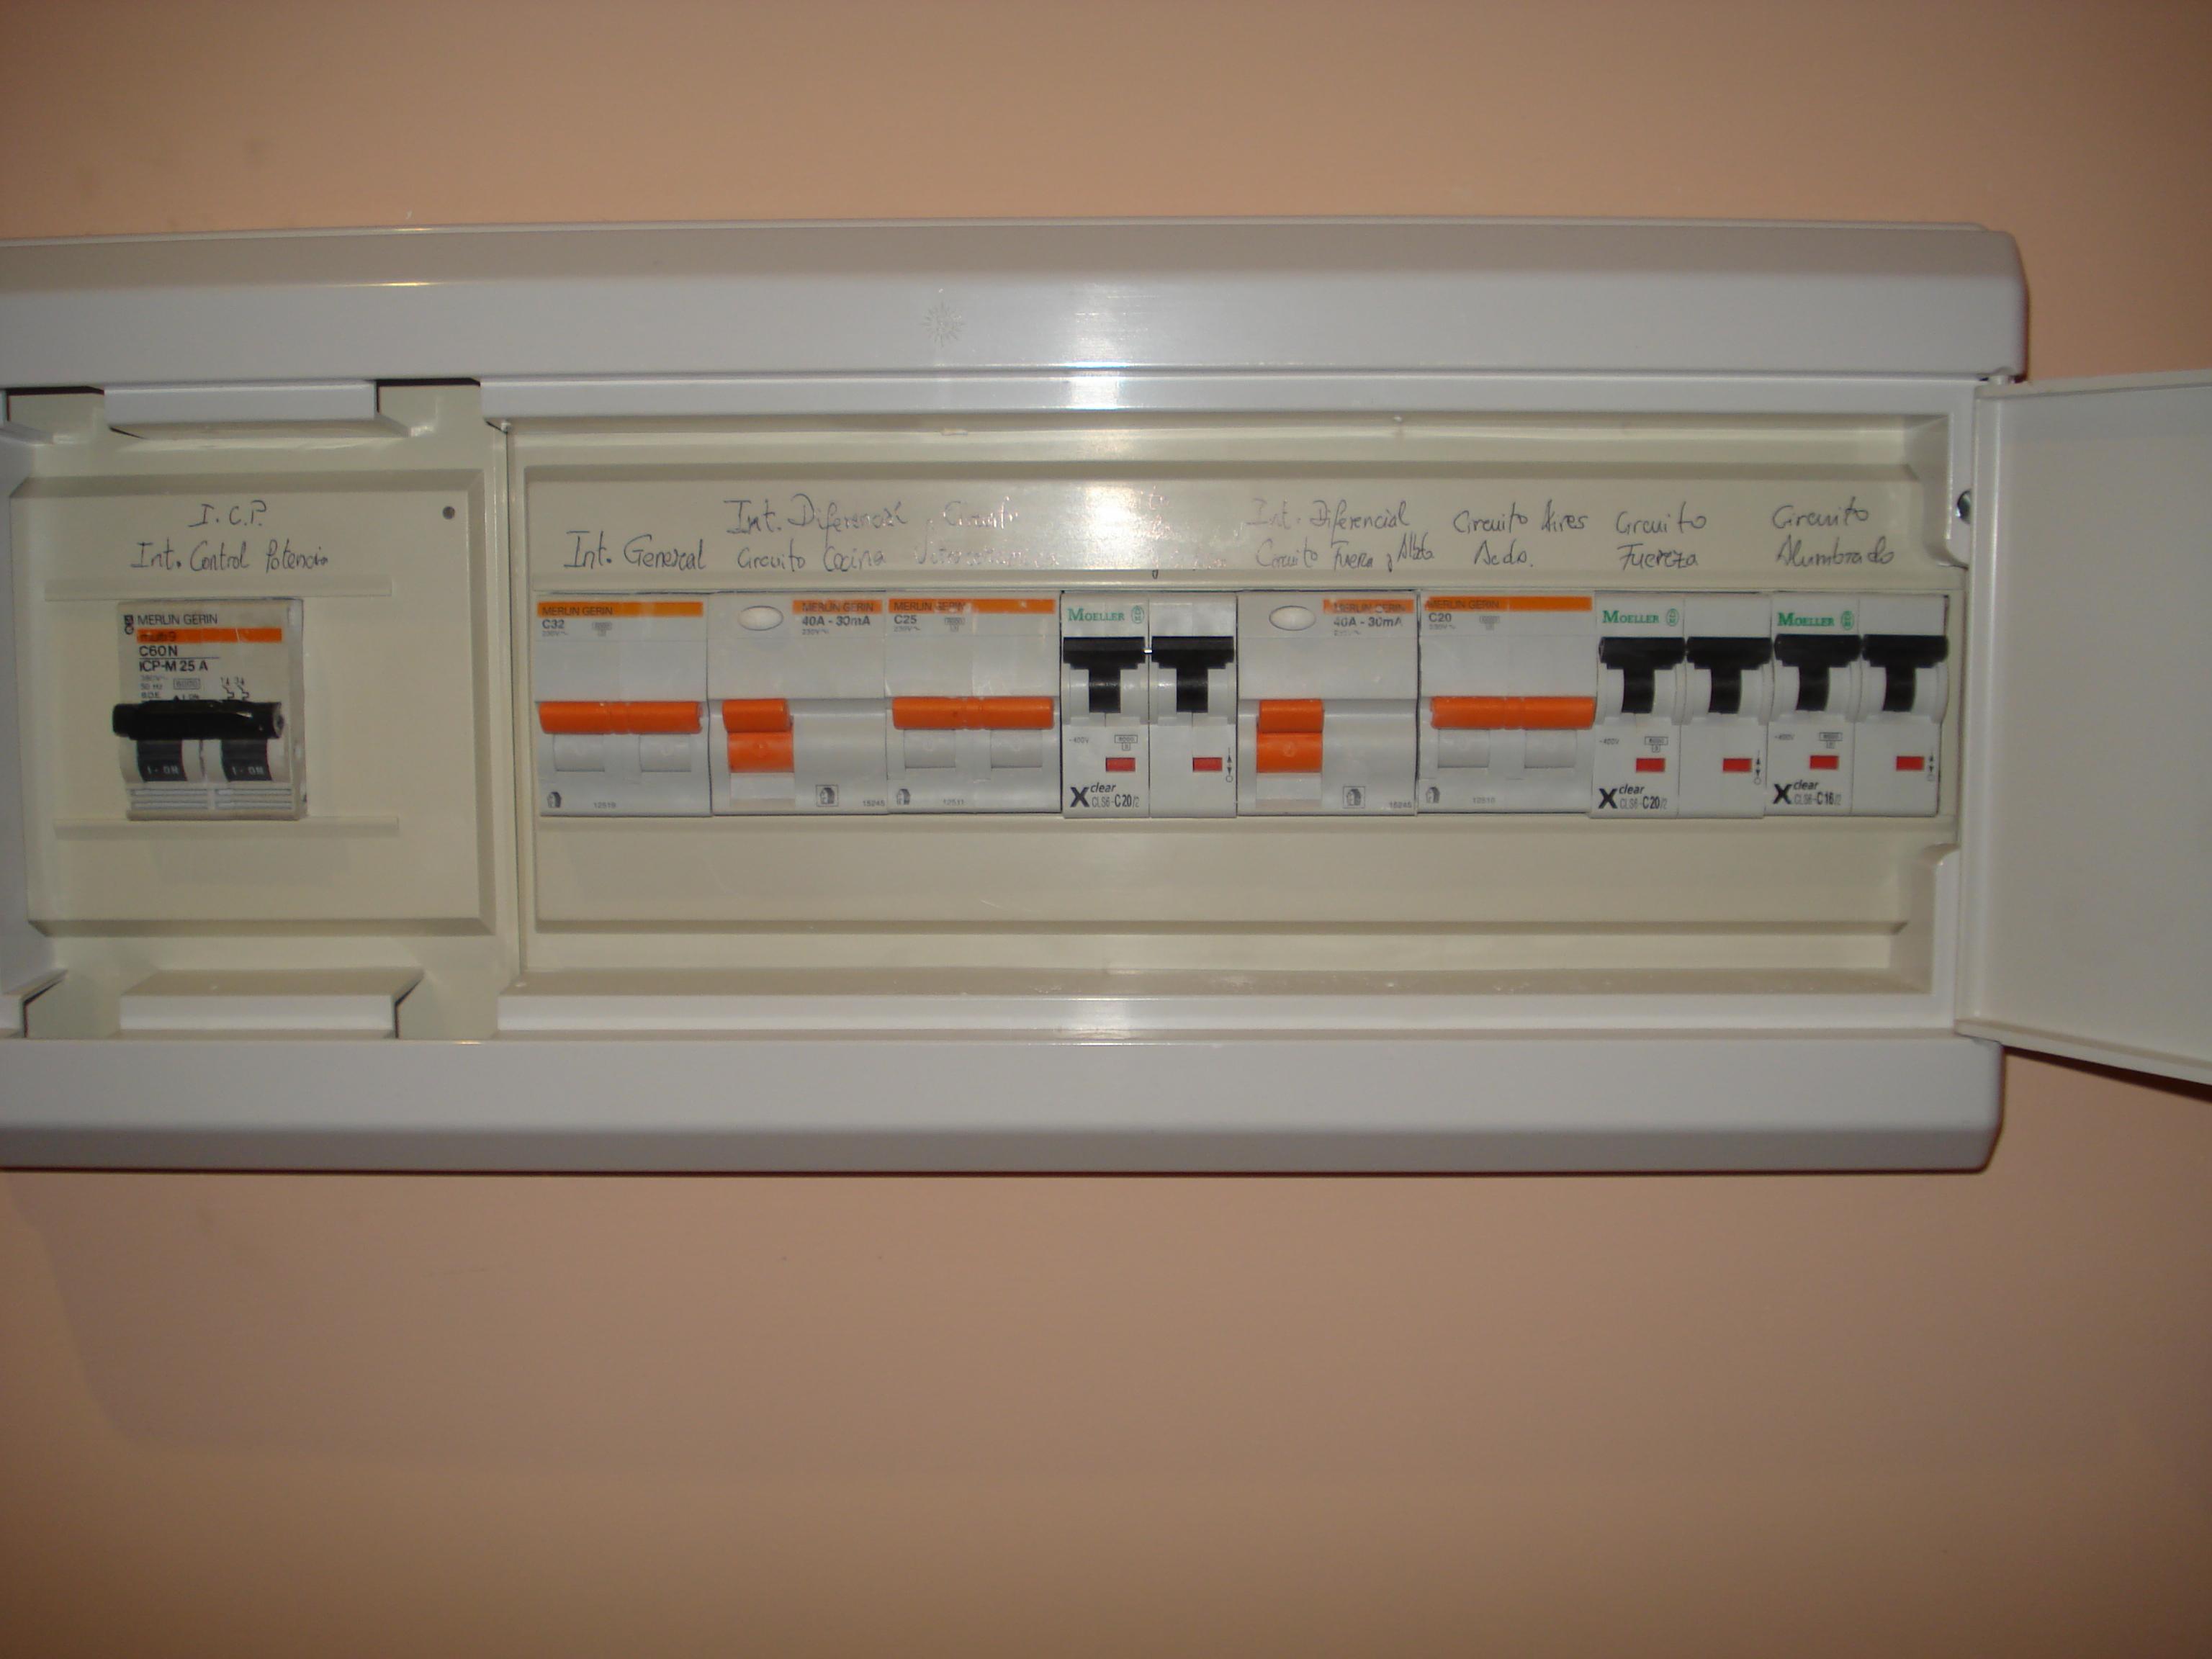 File:Cuadro de seguridad eléctrica en una vivienda.JPG - Wikimedia ...